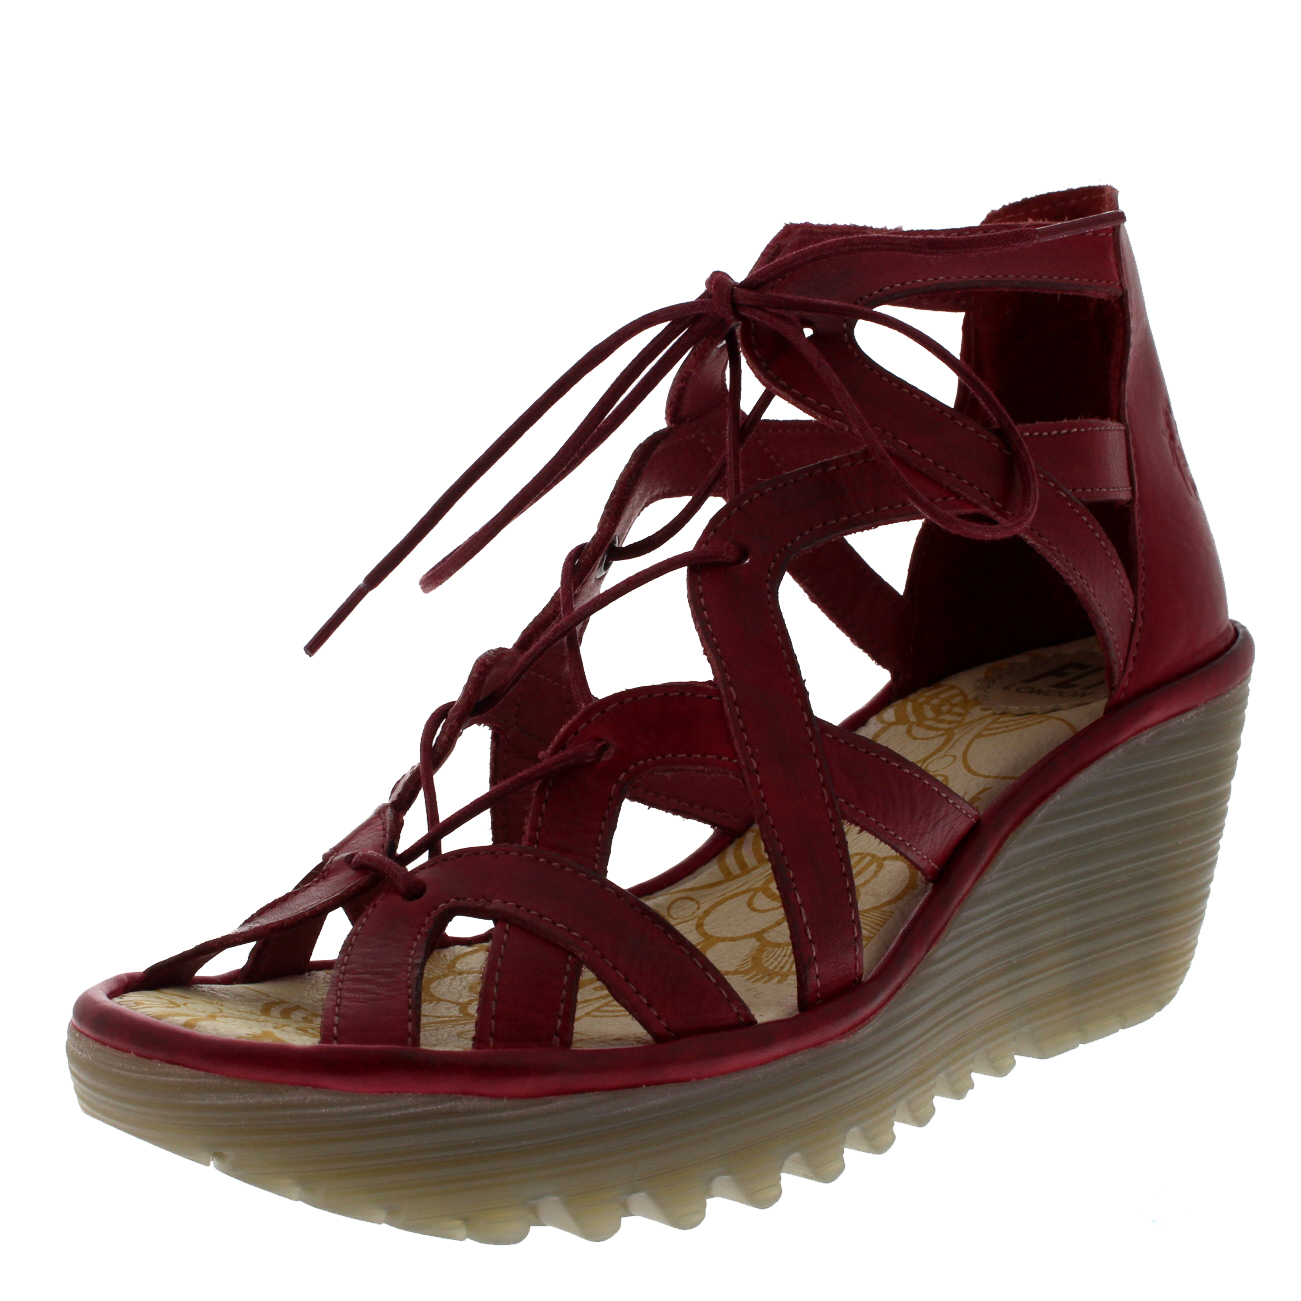 Donna COLMAR Fly London yeli COLMAR Donna Pelle Fashion tacchi a zeppa e lavoro ufficio tutte le taglie 955d5c